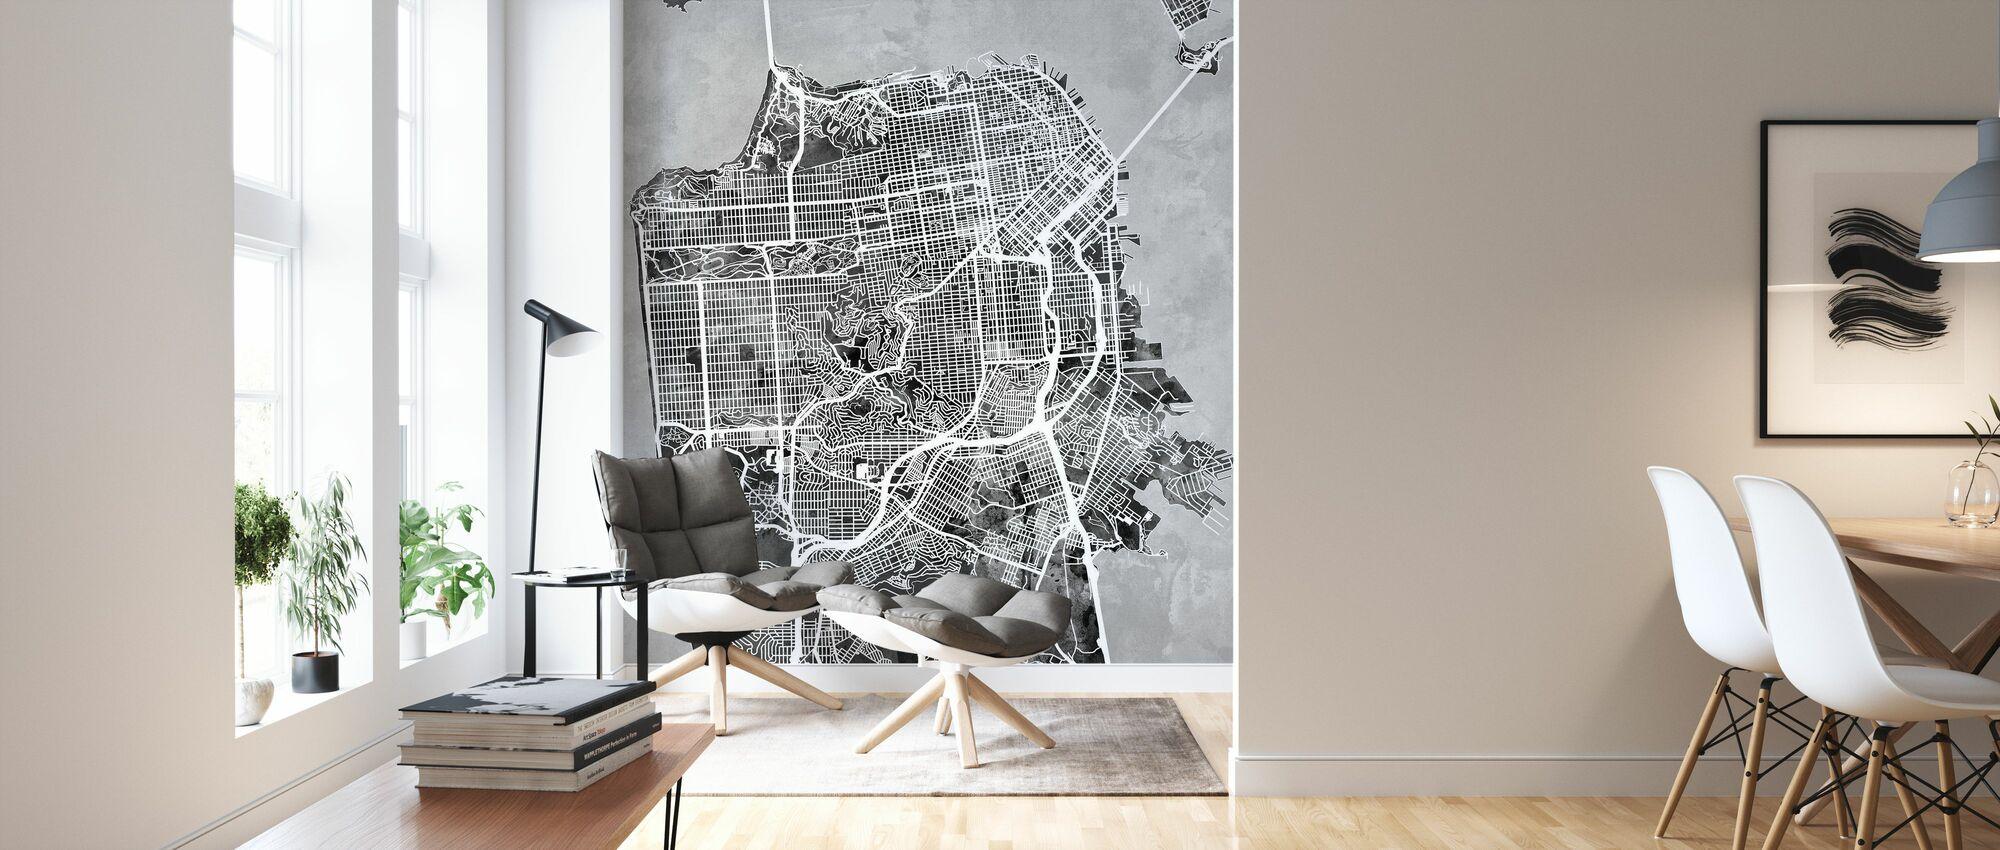 San Fransisco Street Kartta B/W - Tapetti - Olohuone